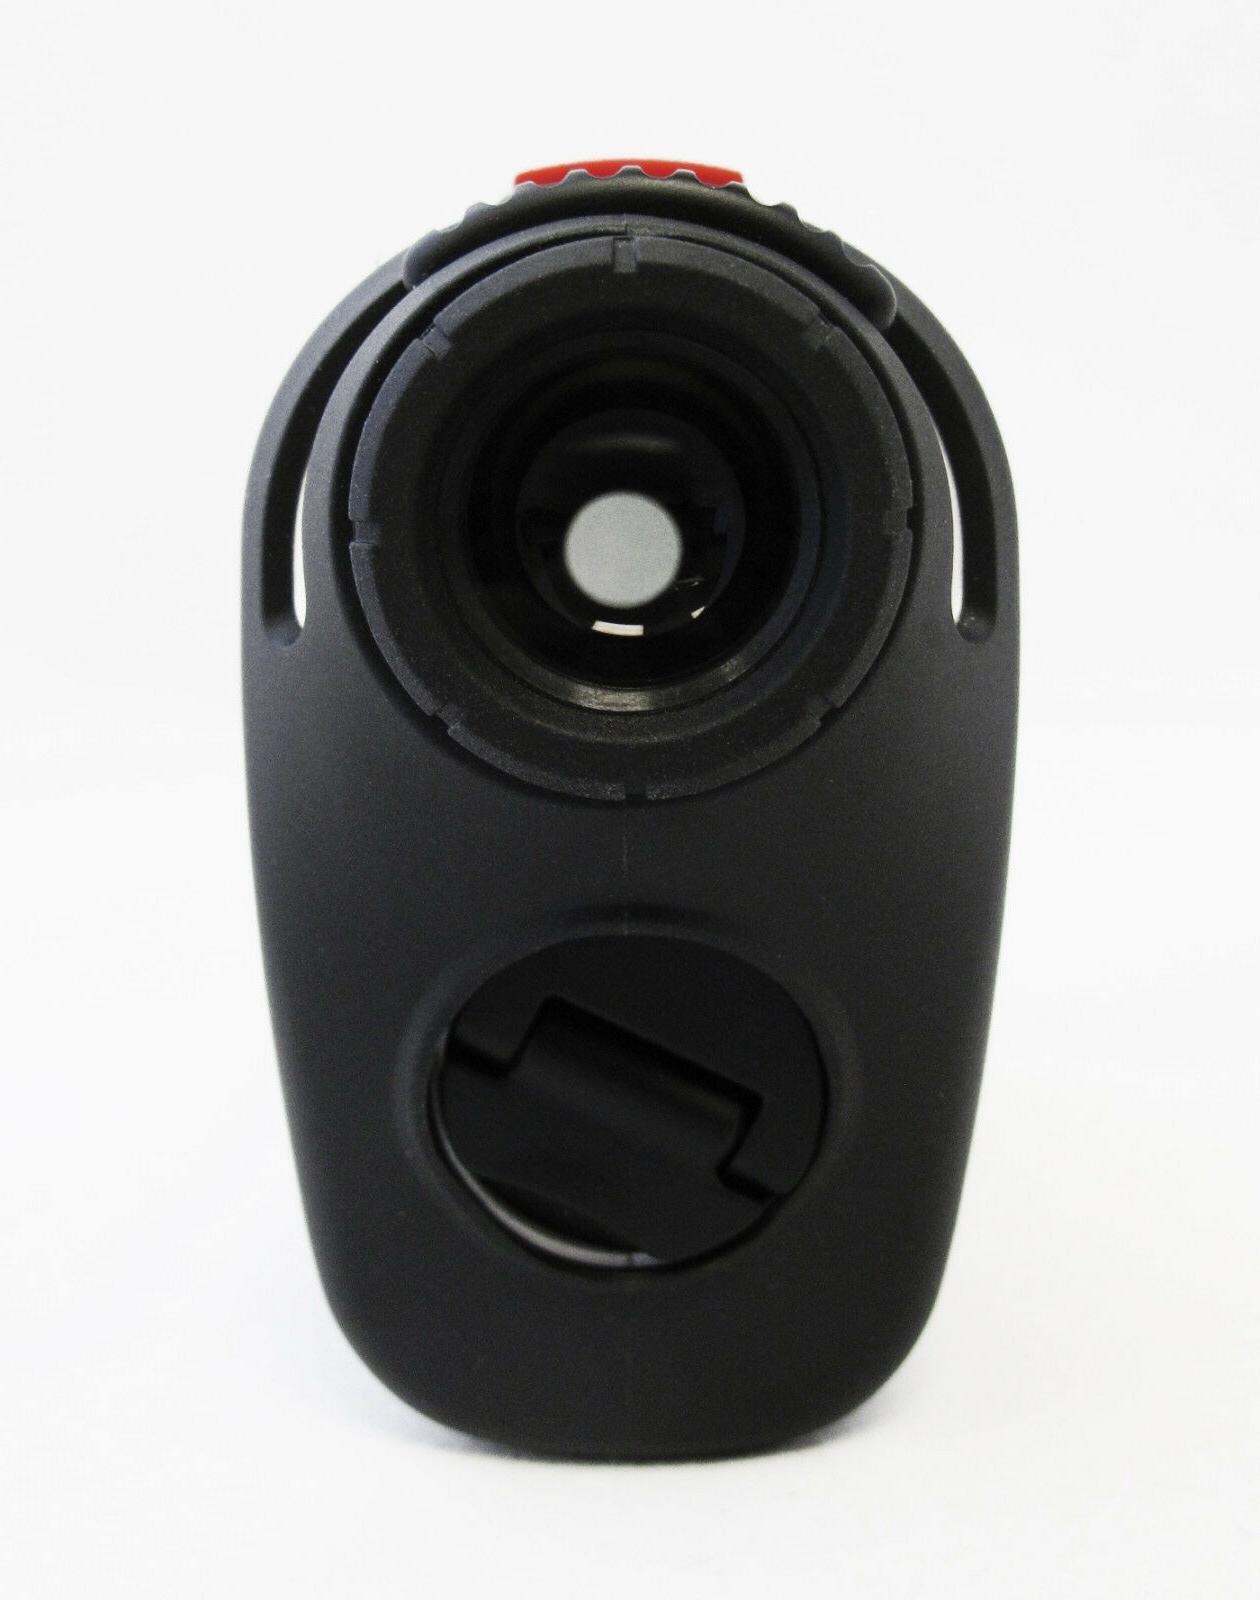 Brand Rangefinder Technology